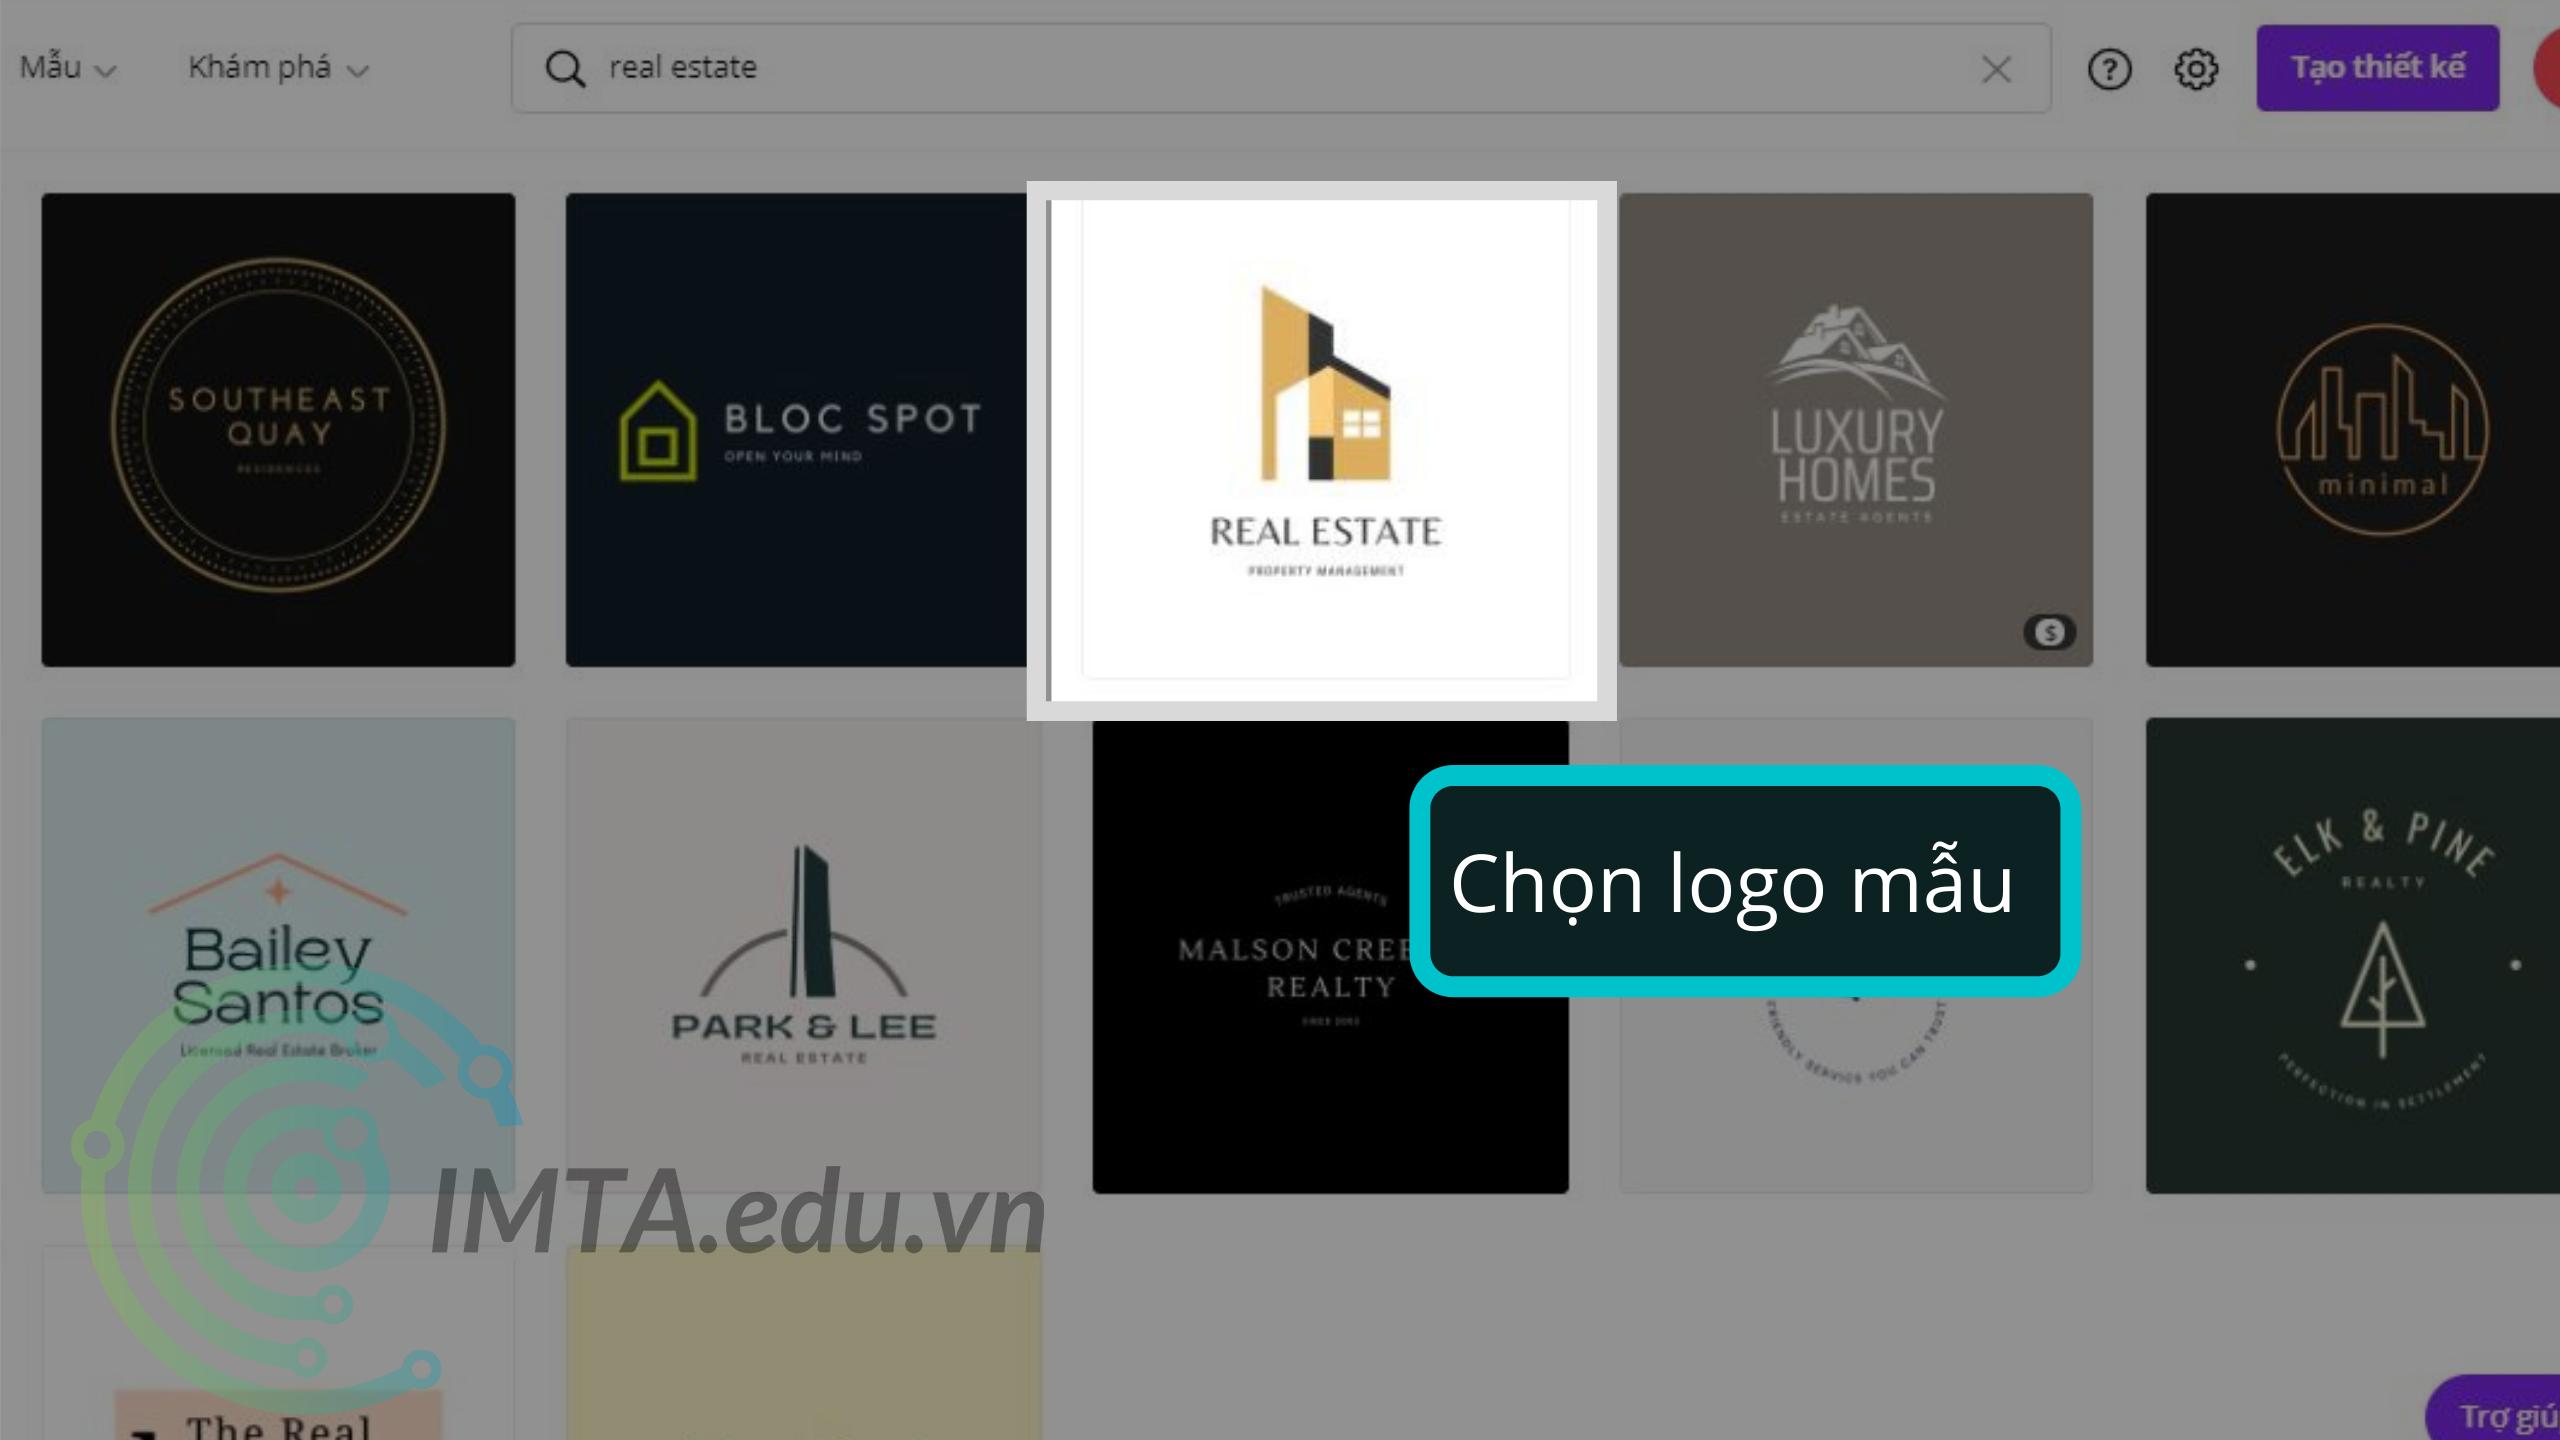 Chọn mẫu logo Canva mà bạn ưng ý nhất